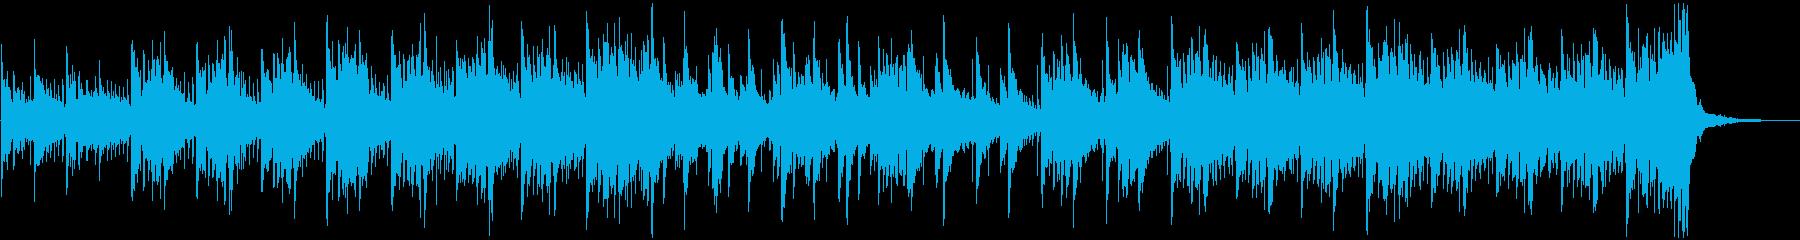 RPGのフィールド場面に合う幻想的な曲の再生済みの波形